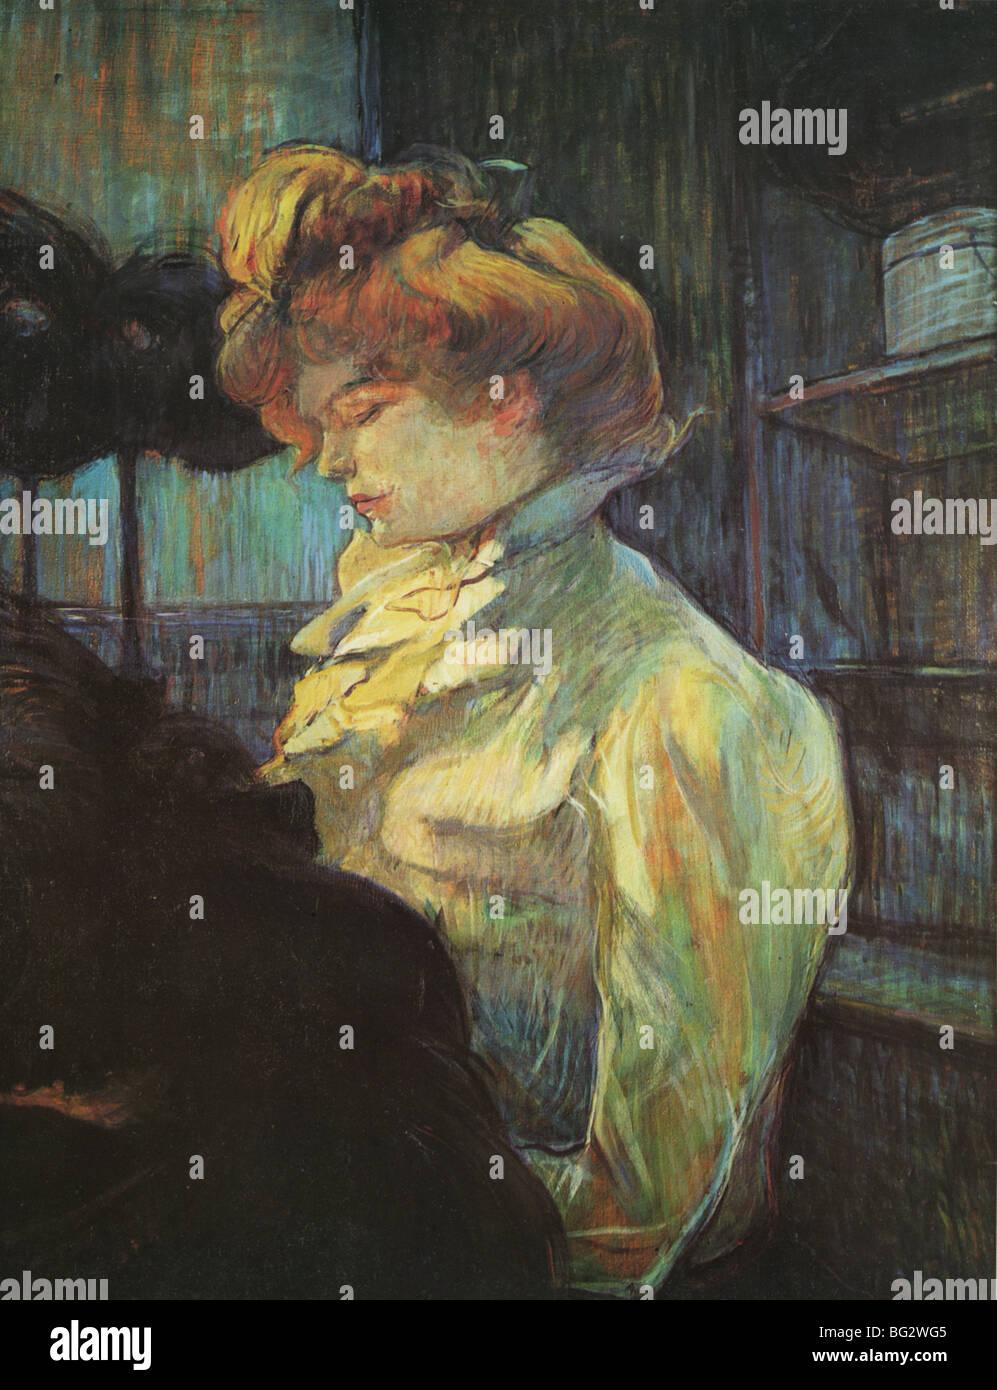 Henri de Toulouse-Lautrec  La Modiste - 'The Milliner' 1900 Oil on cardboard Musee Toulouse-Lautrec, - Stock Image